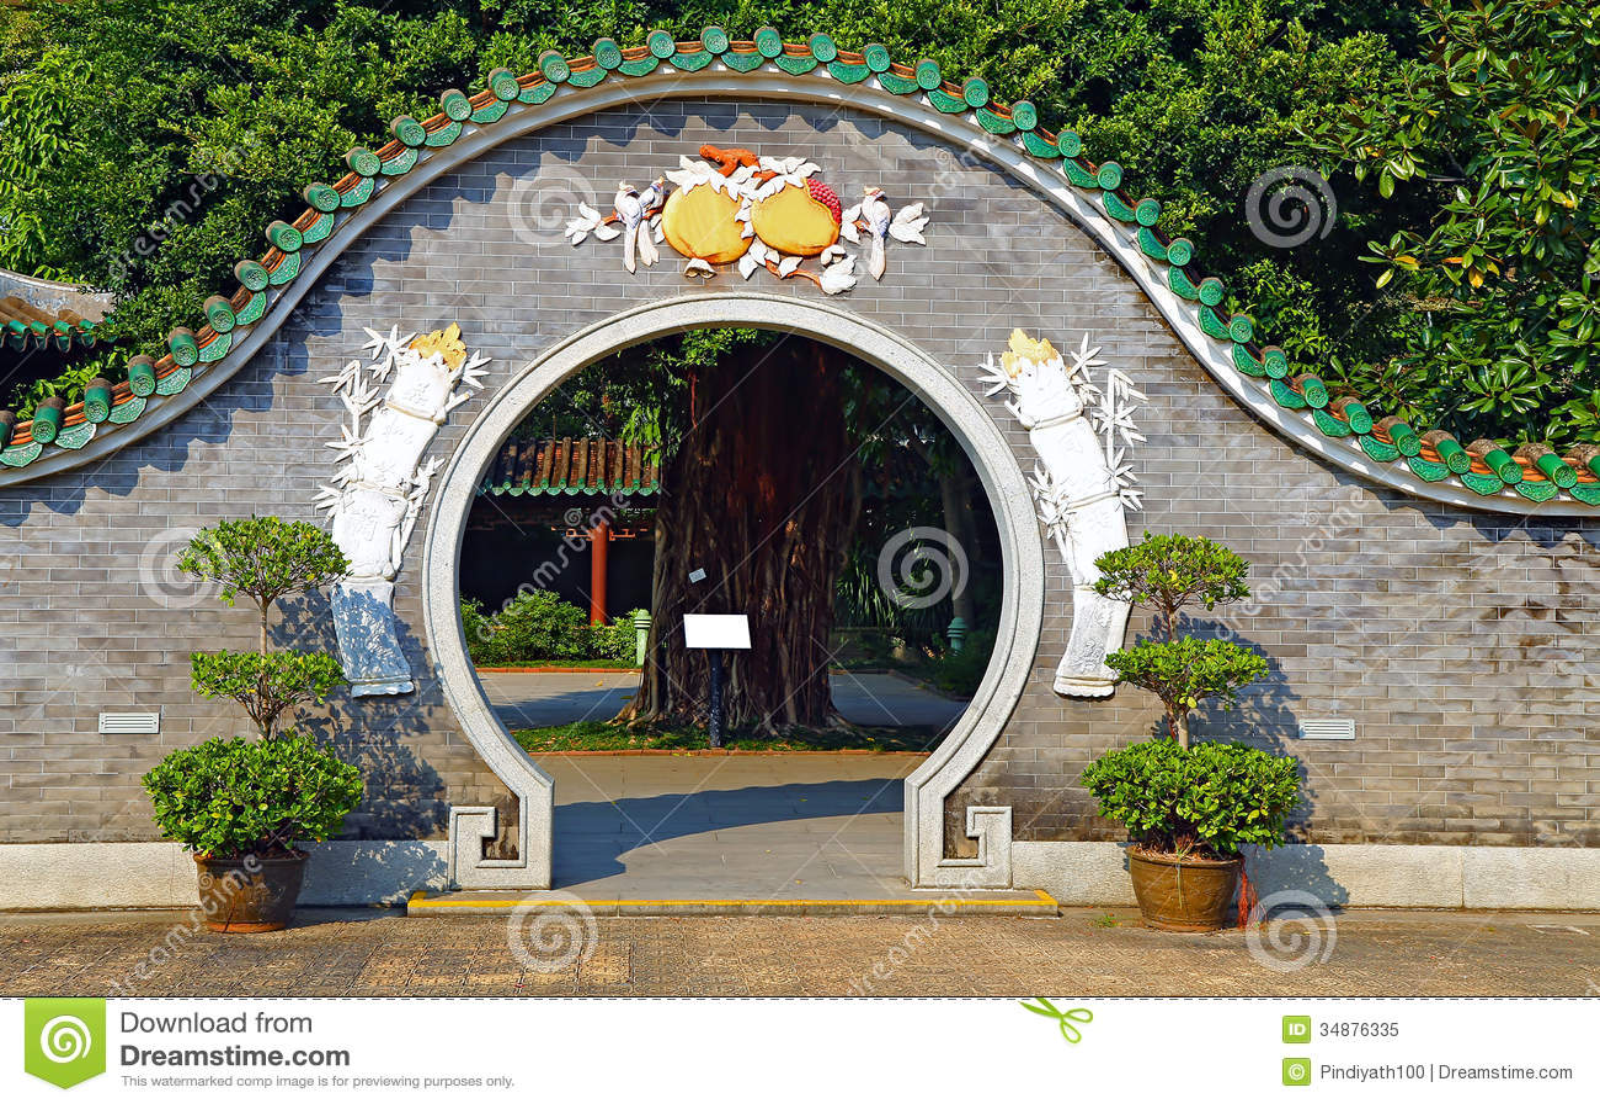 Zen Garden Entrance Stock Photo 34876335 Megapixl